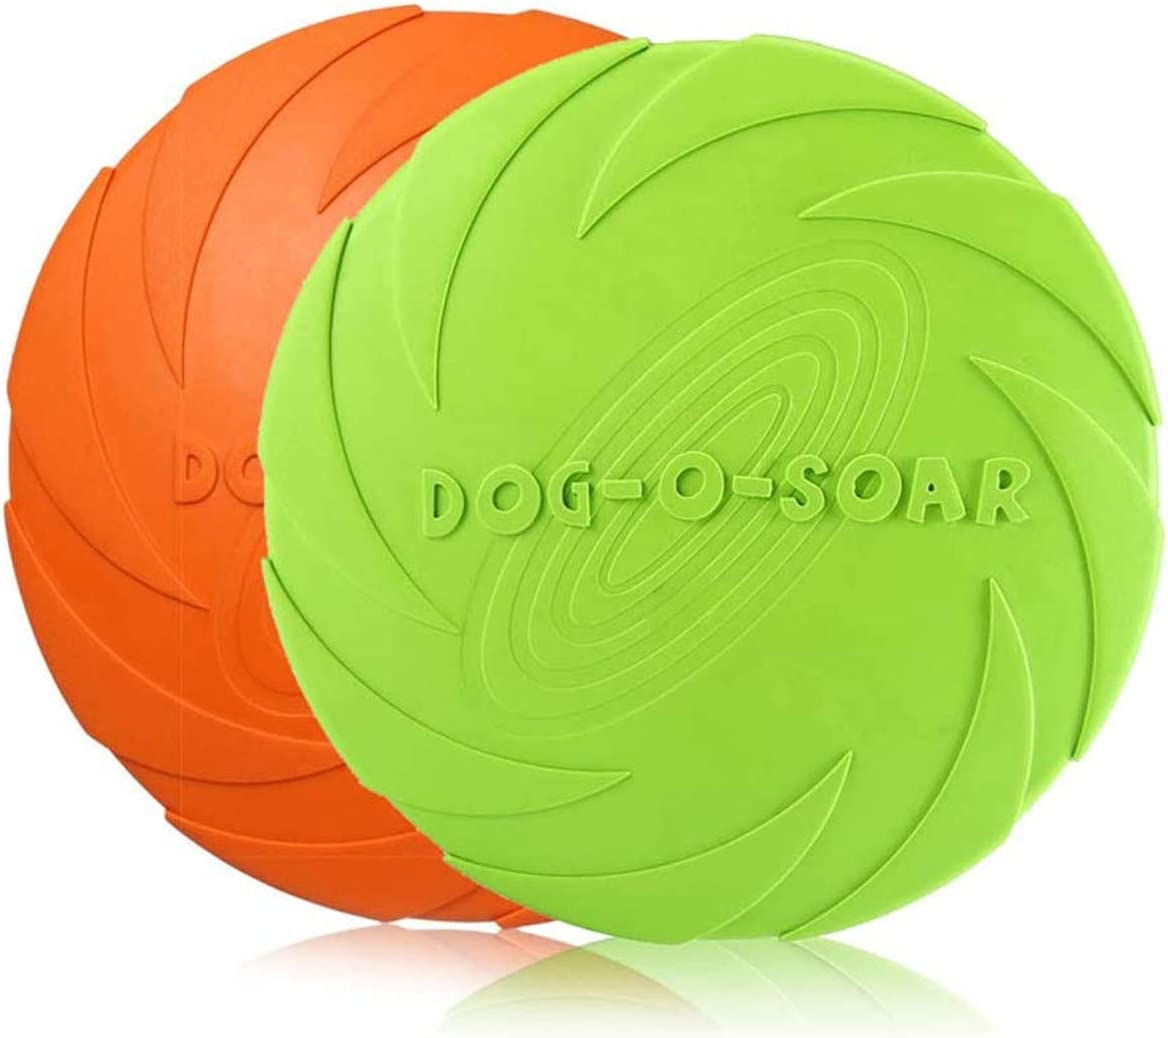 HENJI Perros interactivos Frisbee,2 Pcs Frisbee Perro,Juguete de Disco Volador para Perro,para Adiestramiento de Perros Juguetes de Tiro, Captura y Juego (L-22CM)